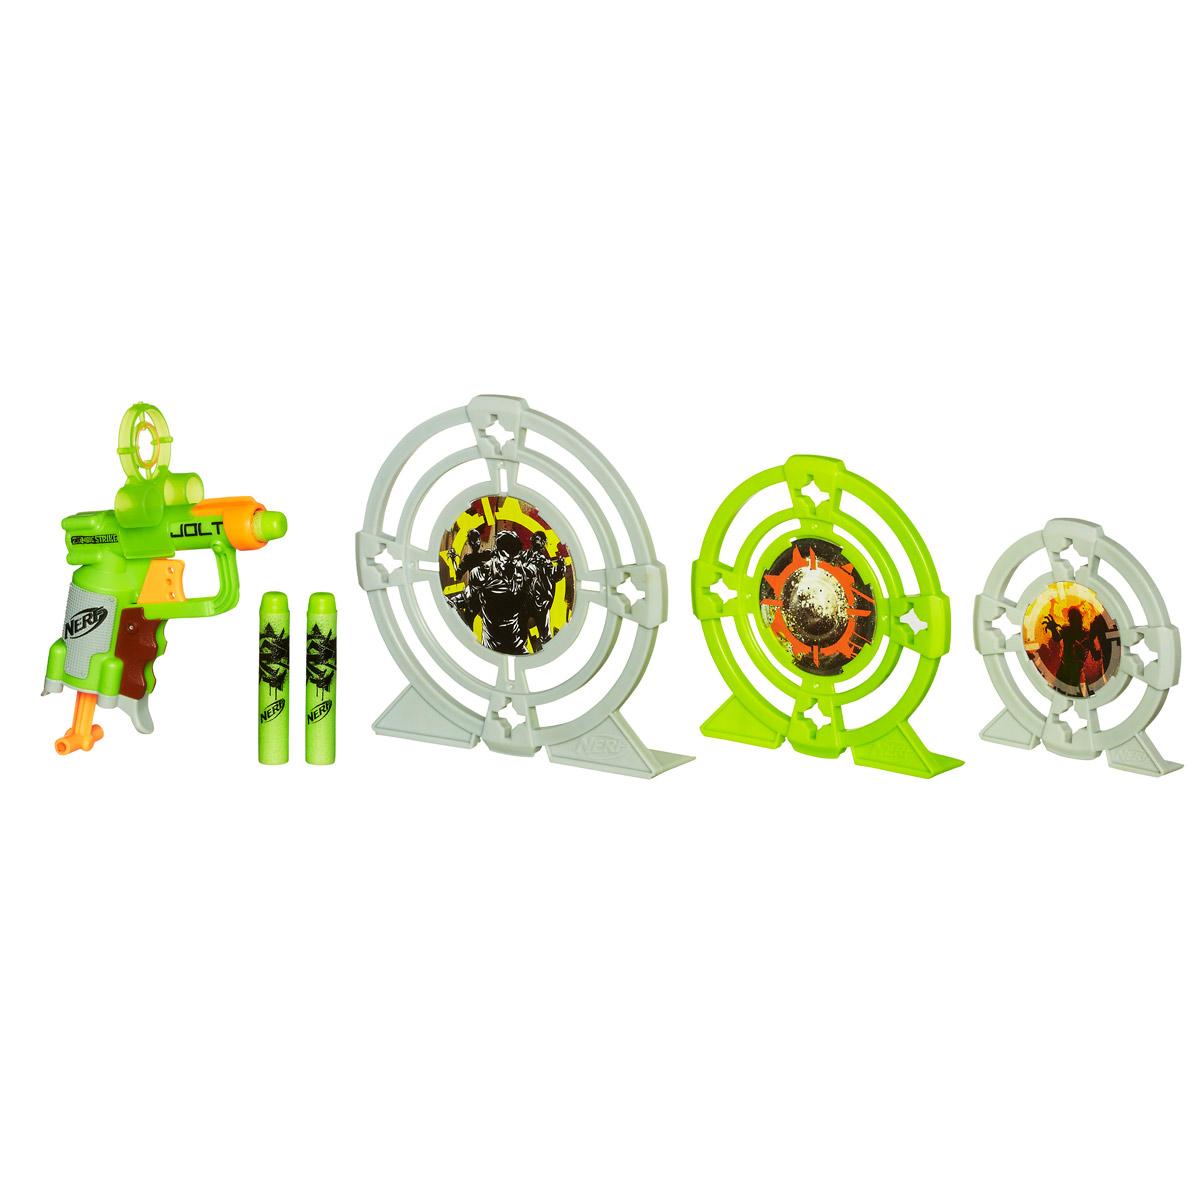 Nerf Бластер Zombie Strike, с мишенями hasbro игрушка nerf бластер зомби двойная атака